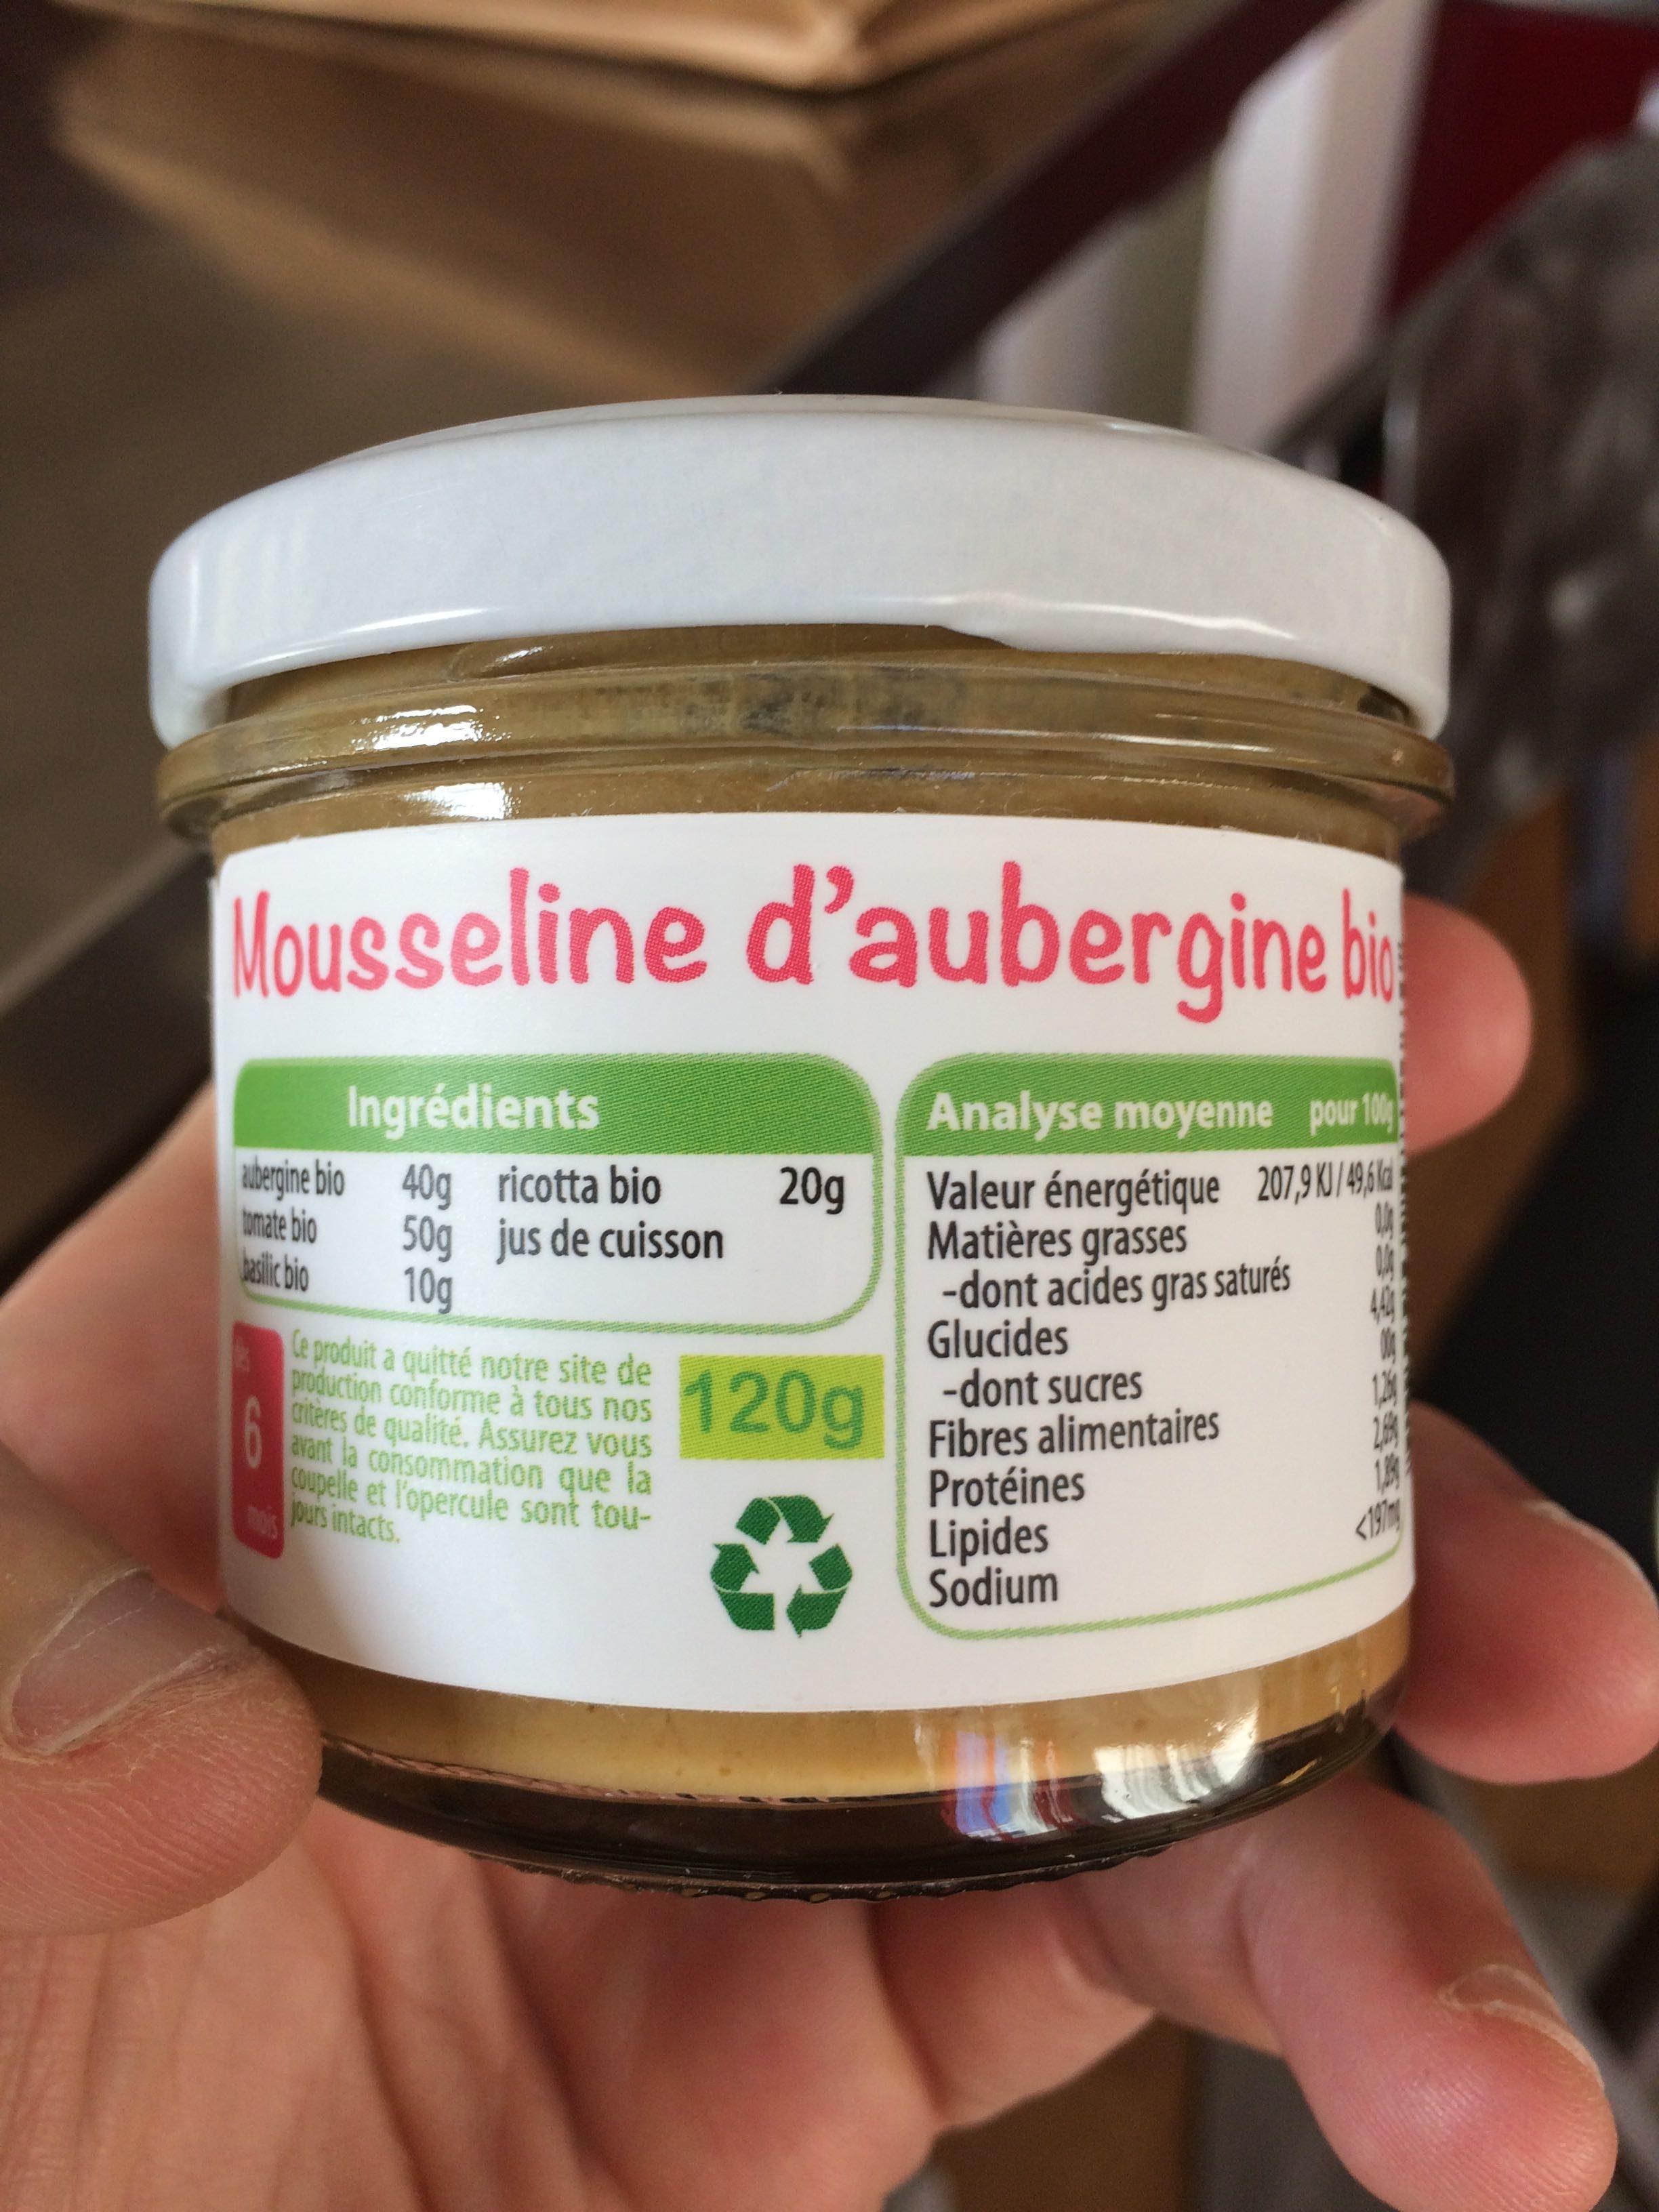 Mousseline d'aubergine bio - Produit